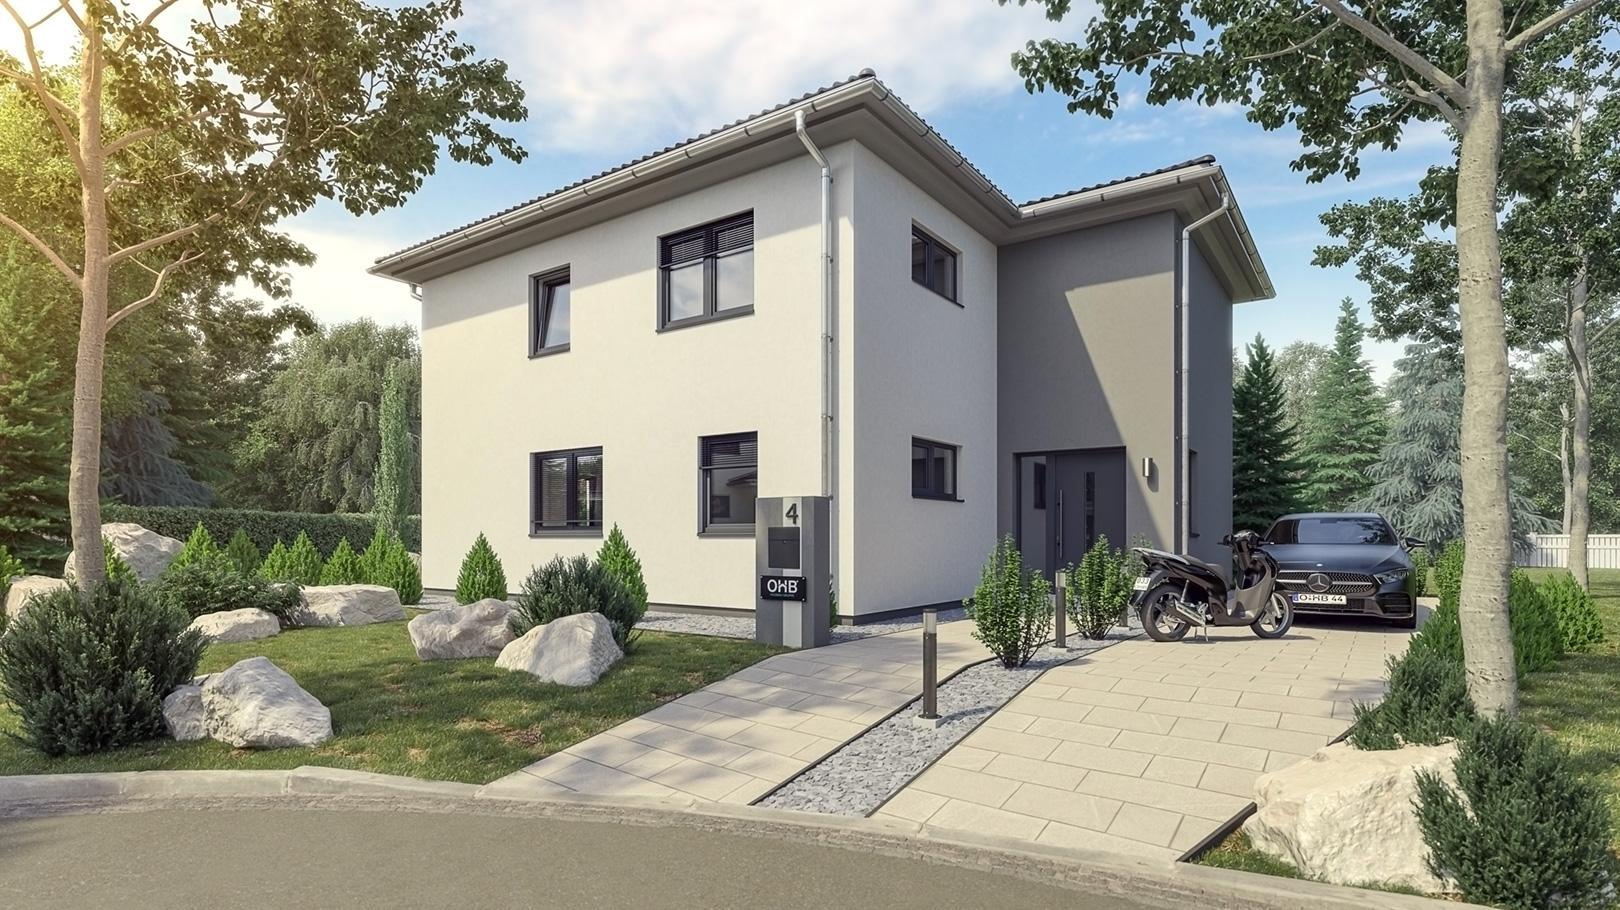 Haus-Idee Rudolstadt